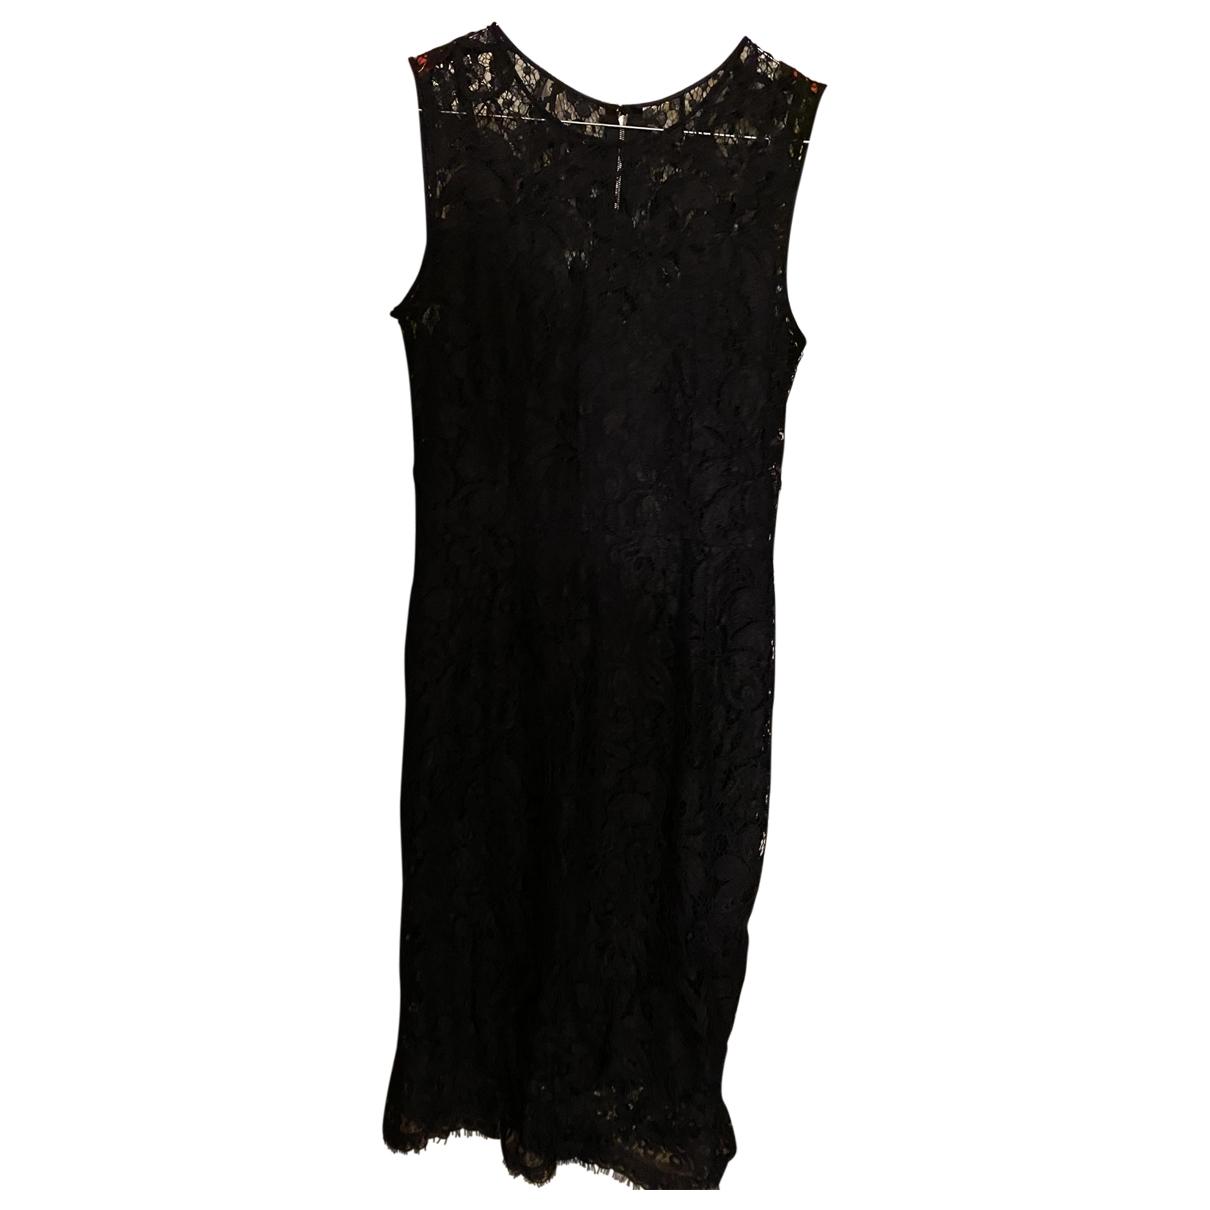 Dolce & Gabbana \N Kleid in  Schwarz Spitze